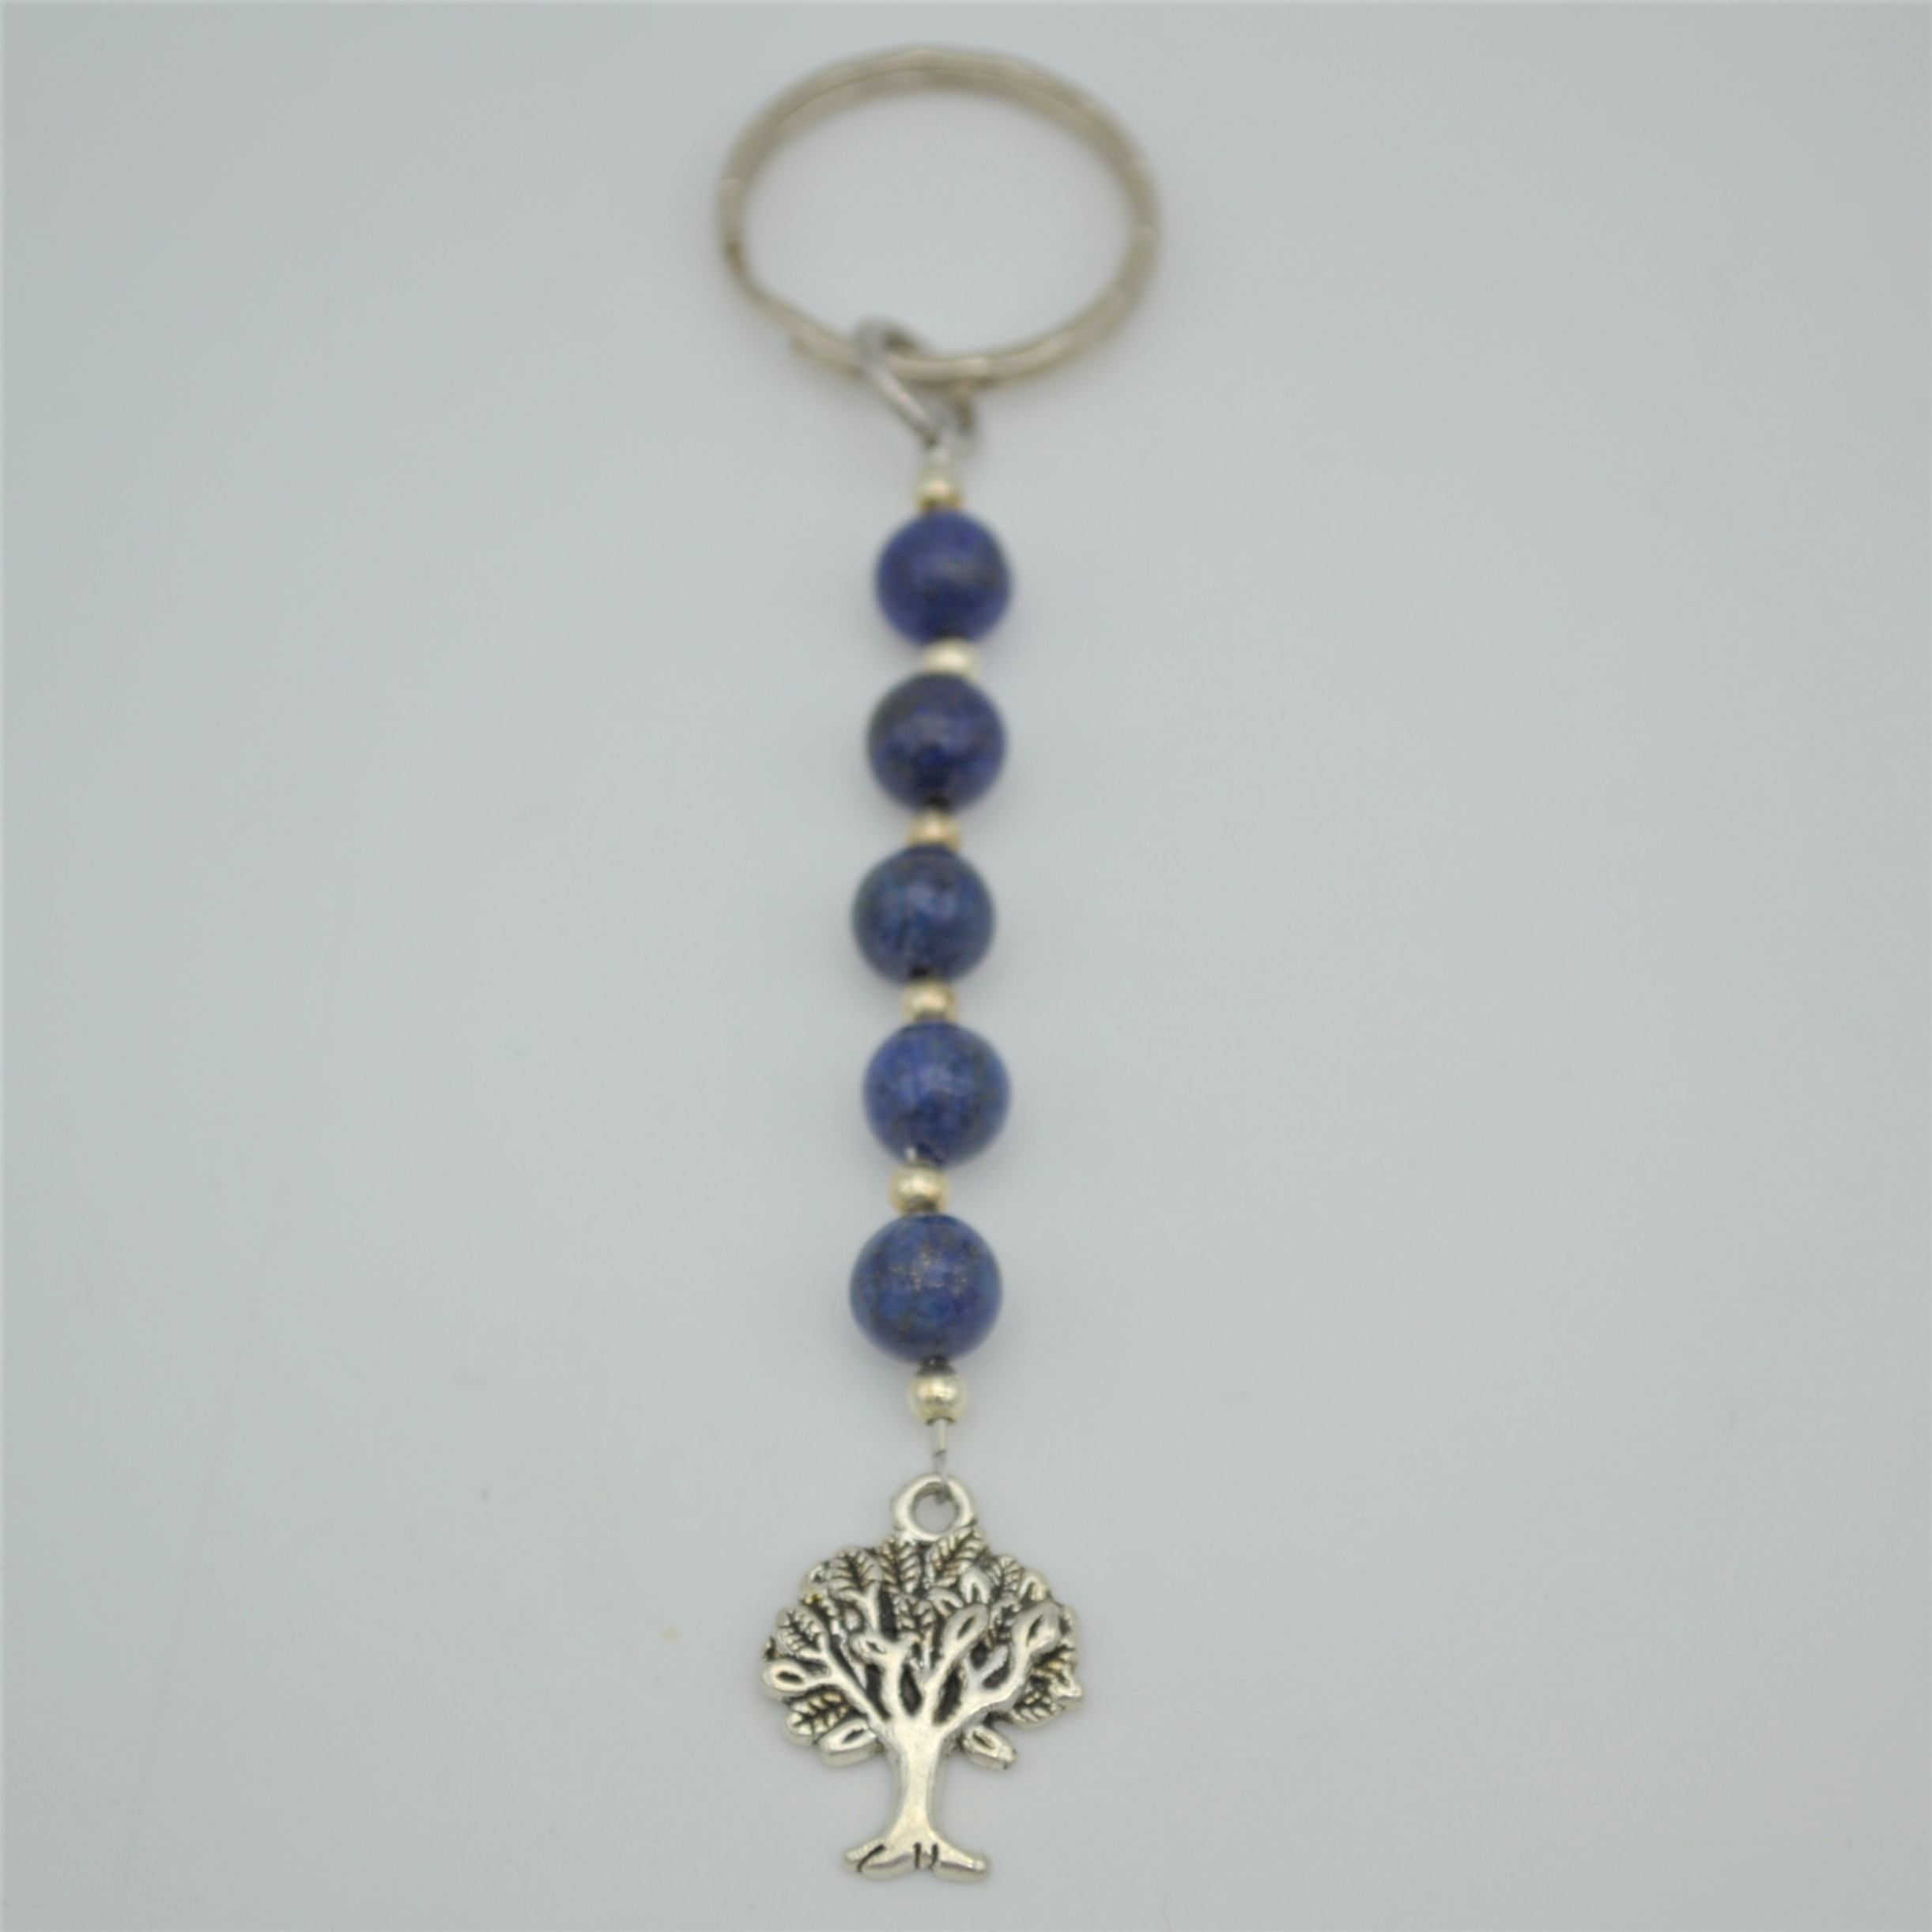 Fantaisie-Porte Clés- Lapis Lazuli-Arbre de Vie les bijoux de mel artisan bijoutier joaillier création sur mesure